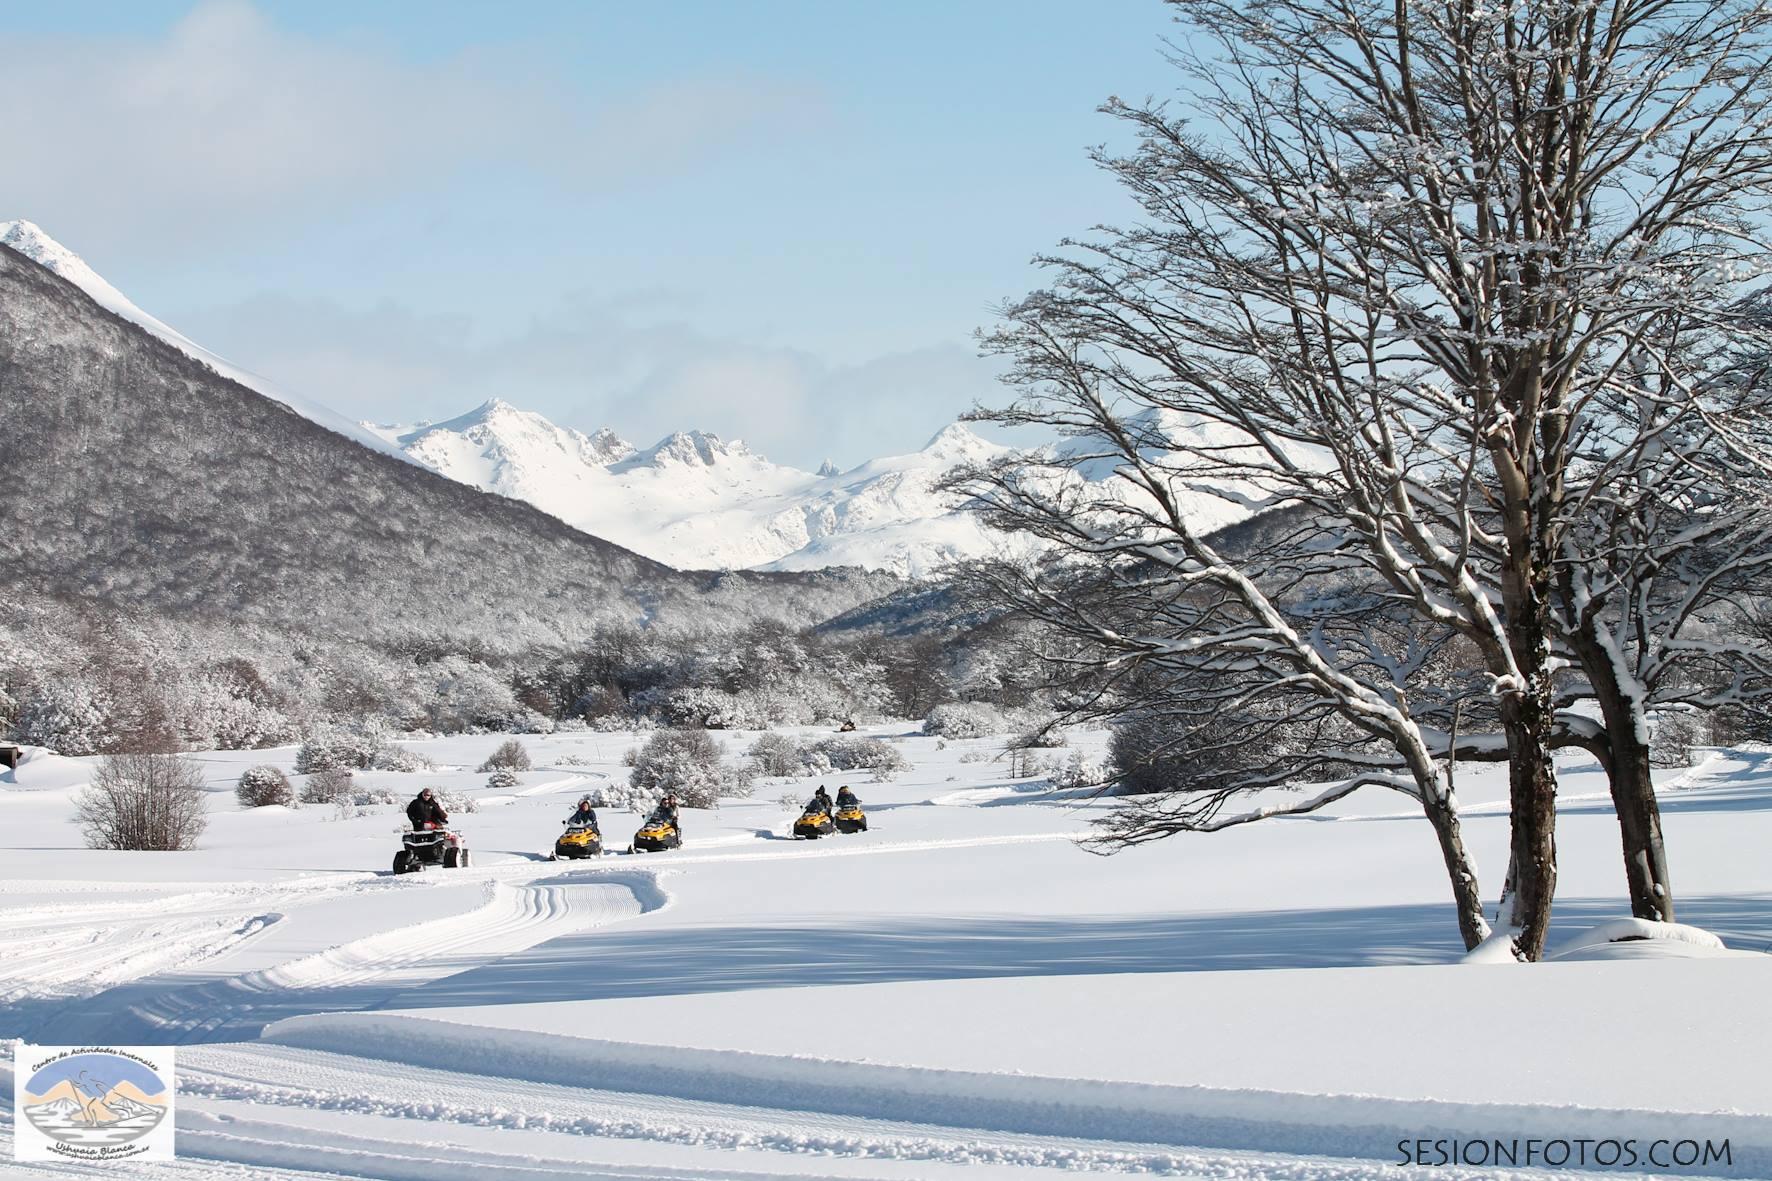 Tudo o que você precisa saber para curtir o inverno em Ushuaia 4